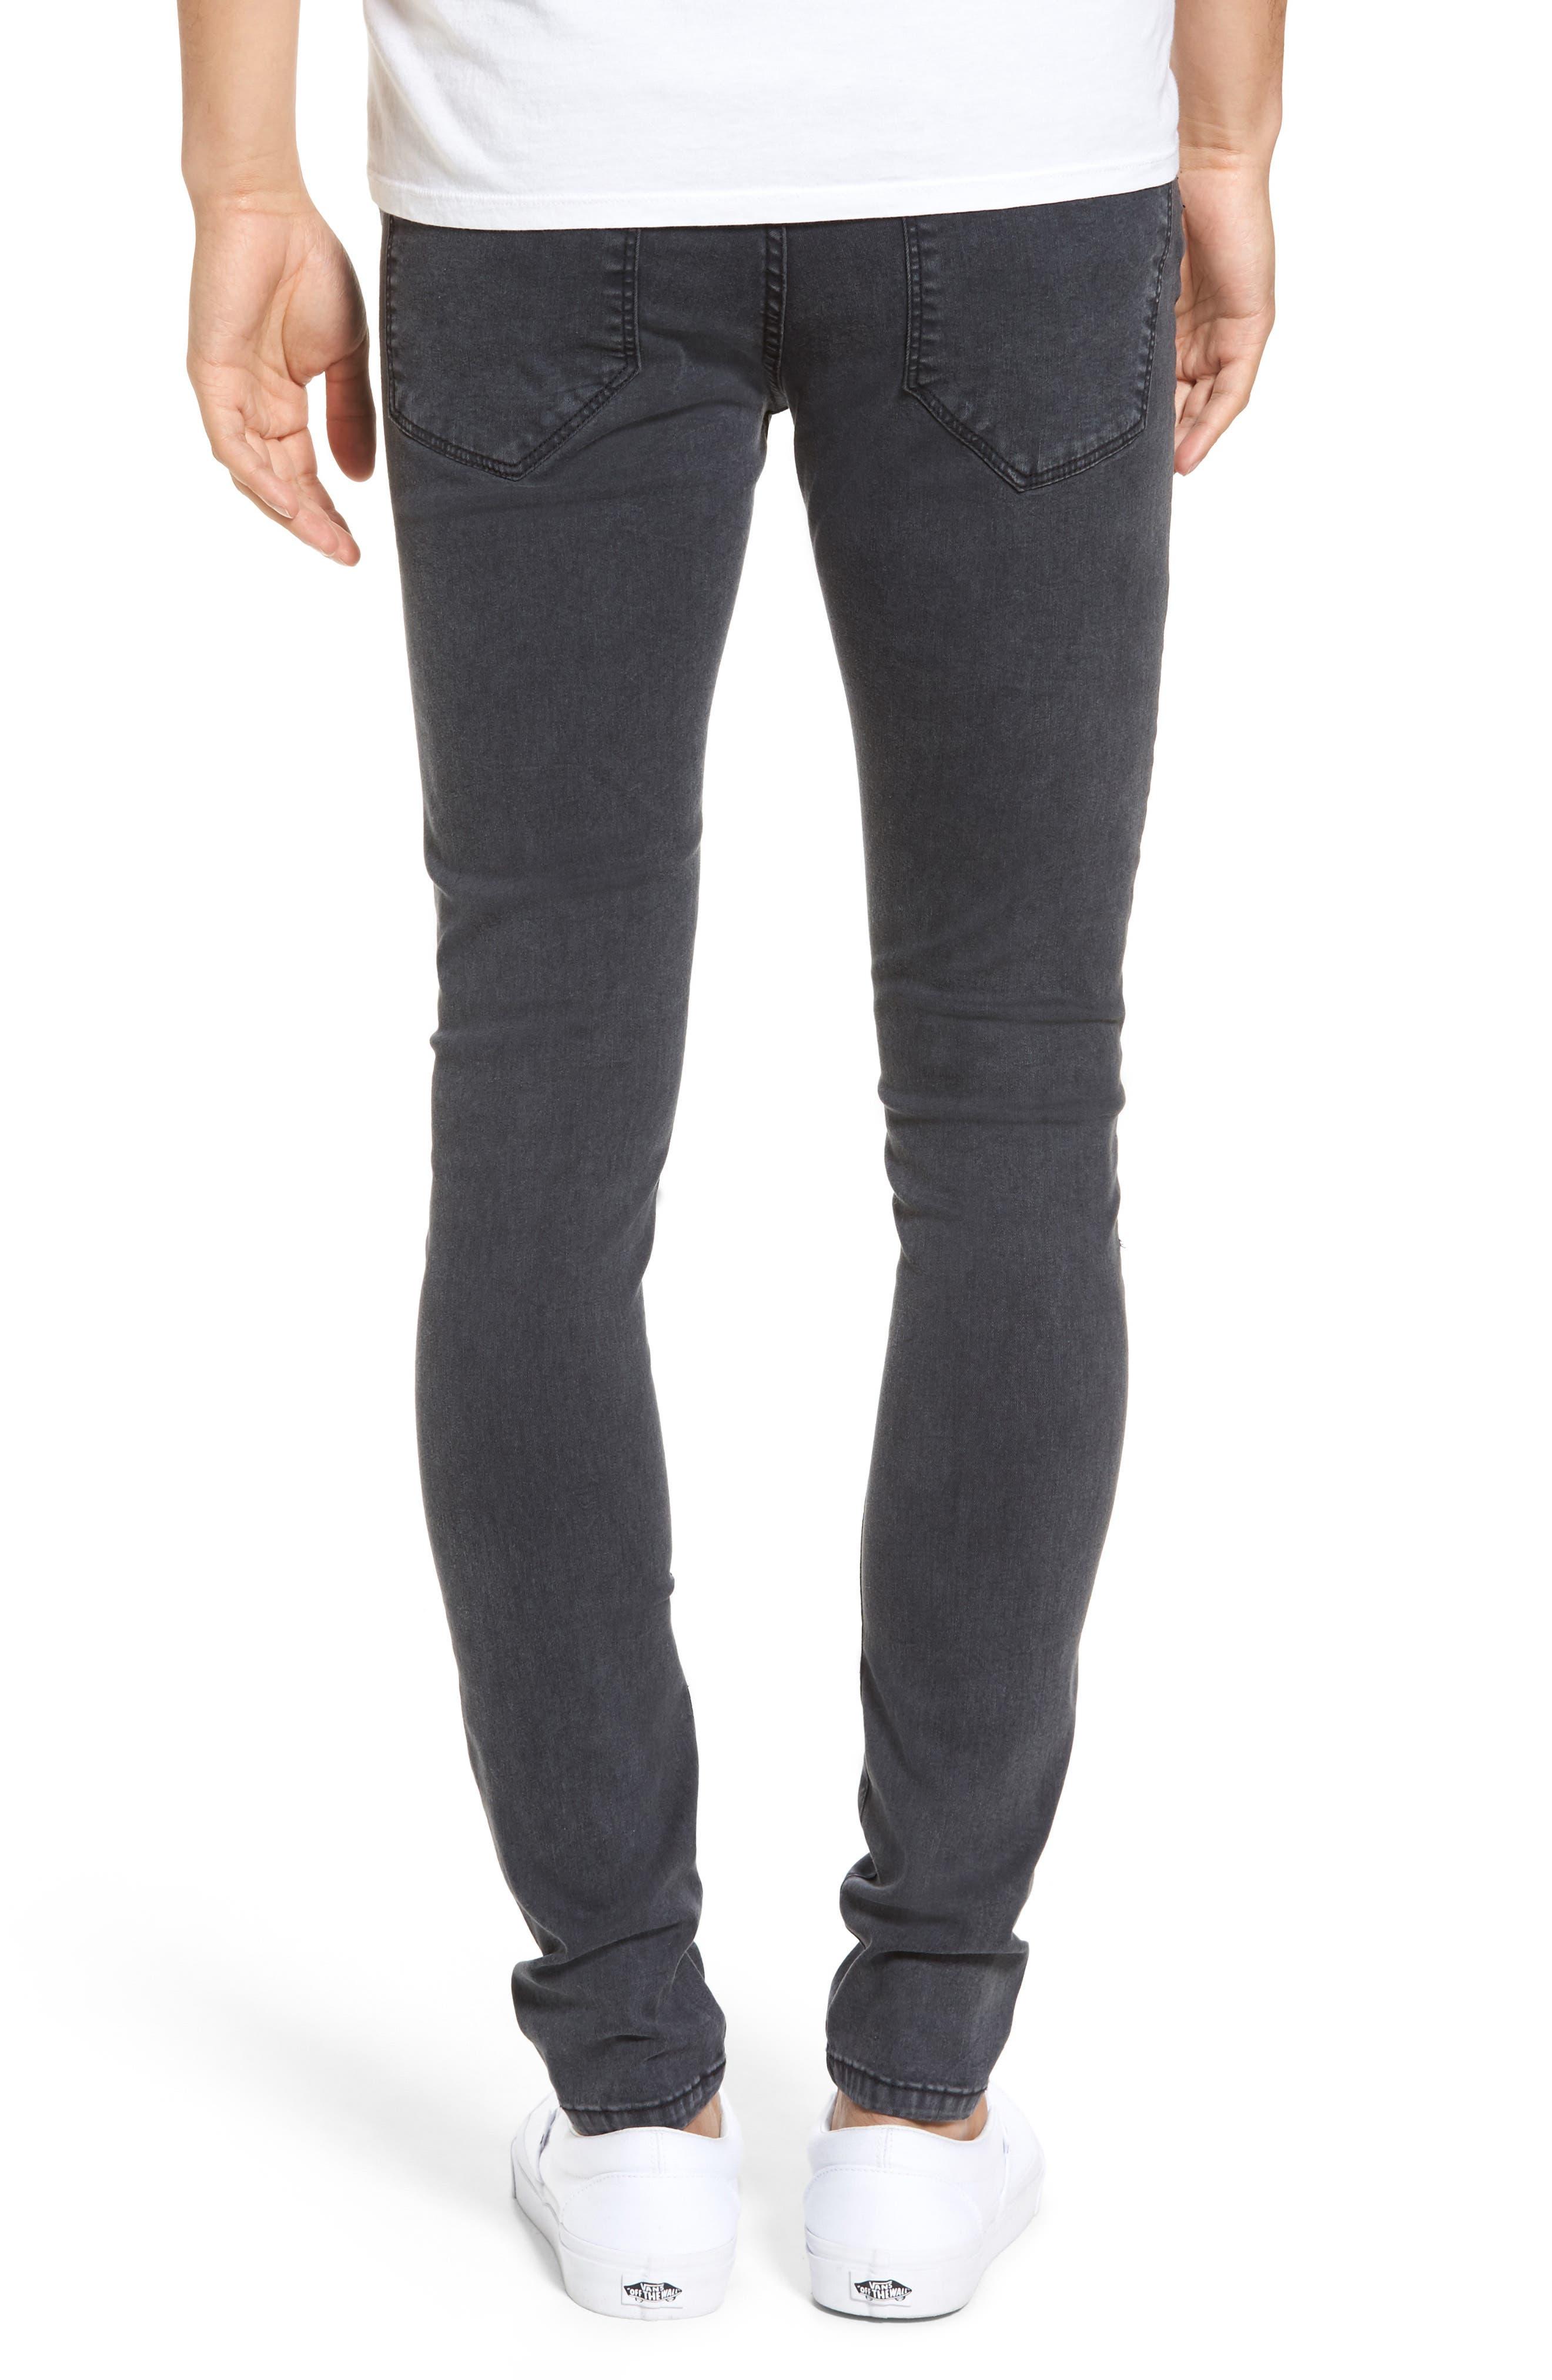 Leroy Slim Fit Jeans,                             Alternate thumbnail 2, color,                             020